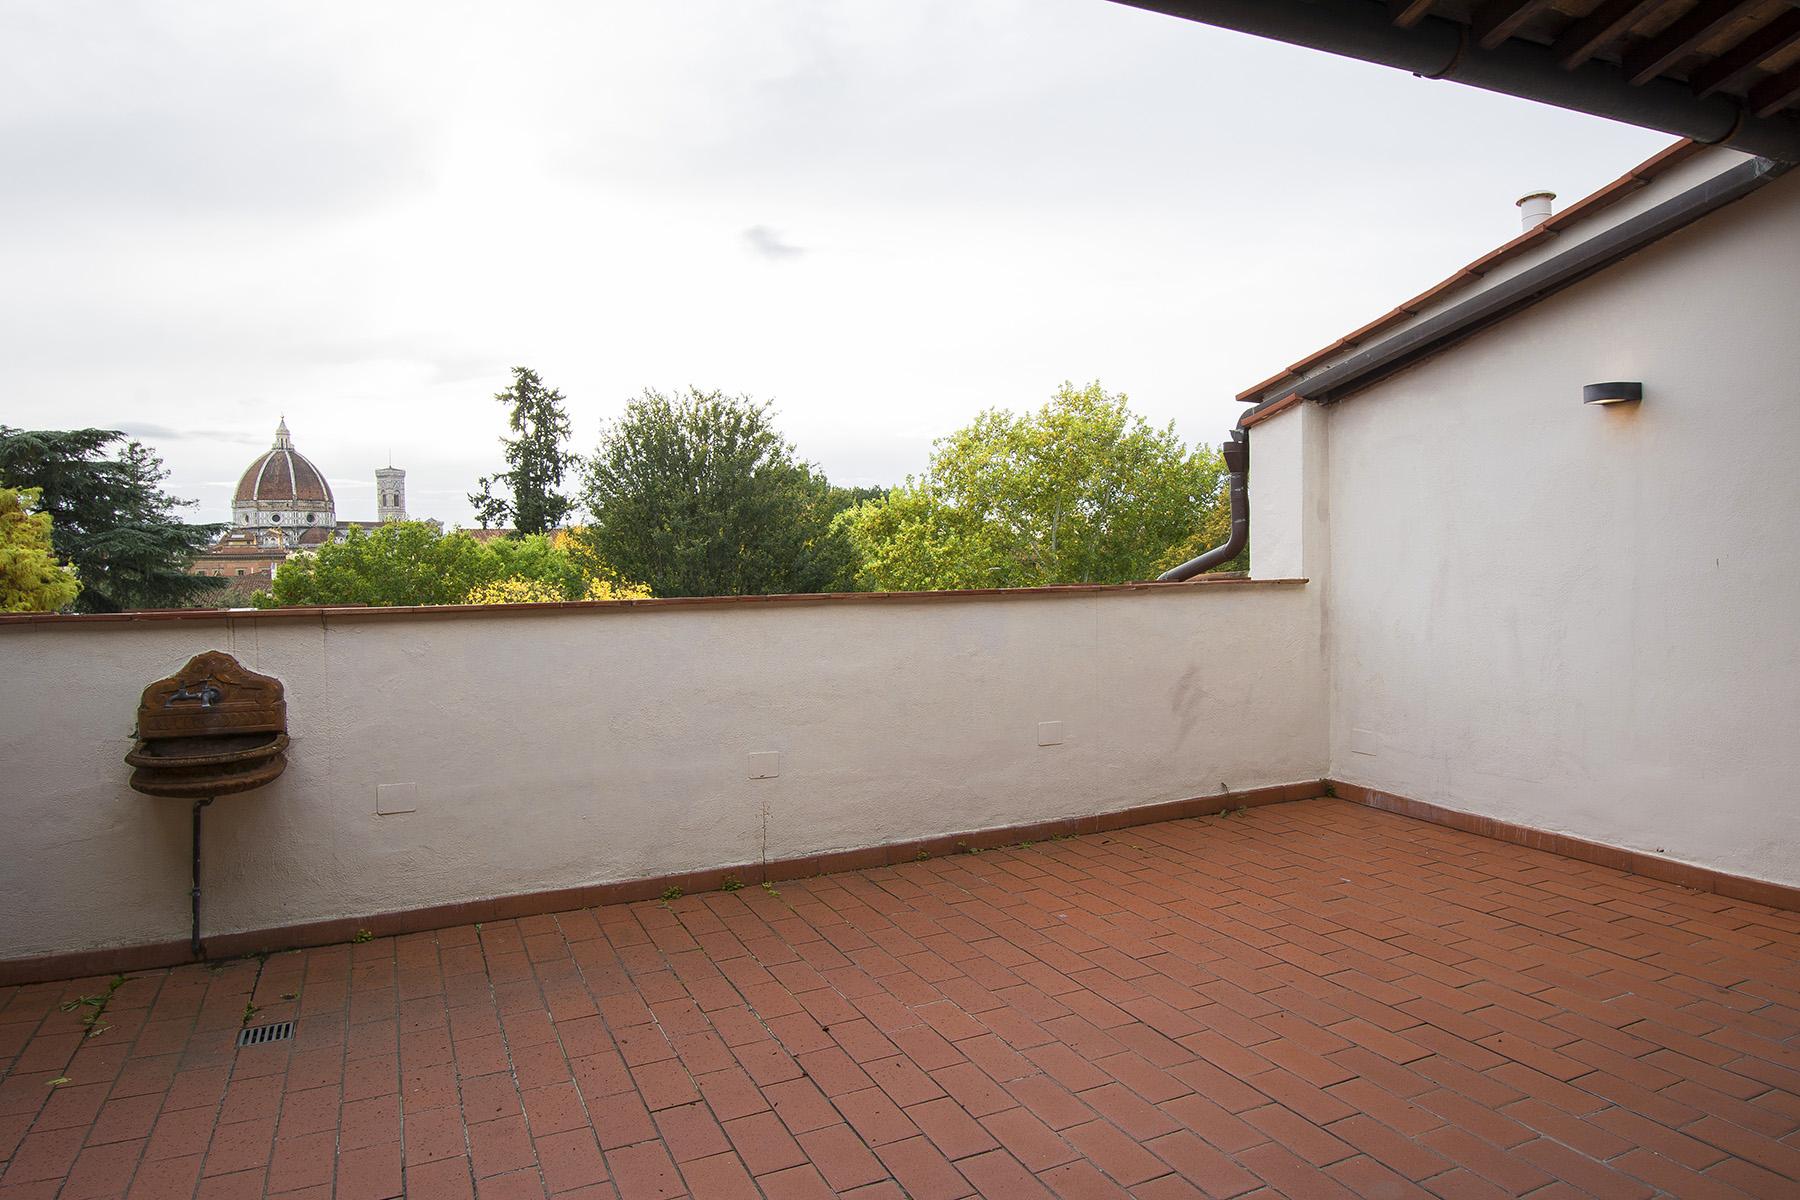 Attico in Affitto a Firenze: 5 locali, 120 mq - Foto 3